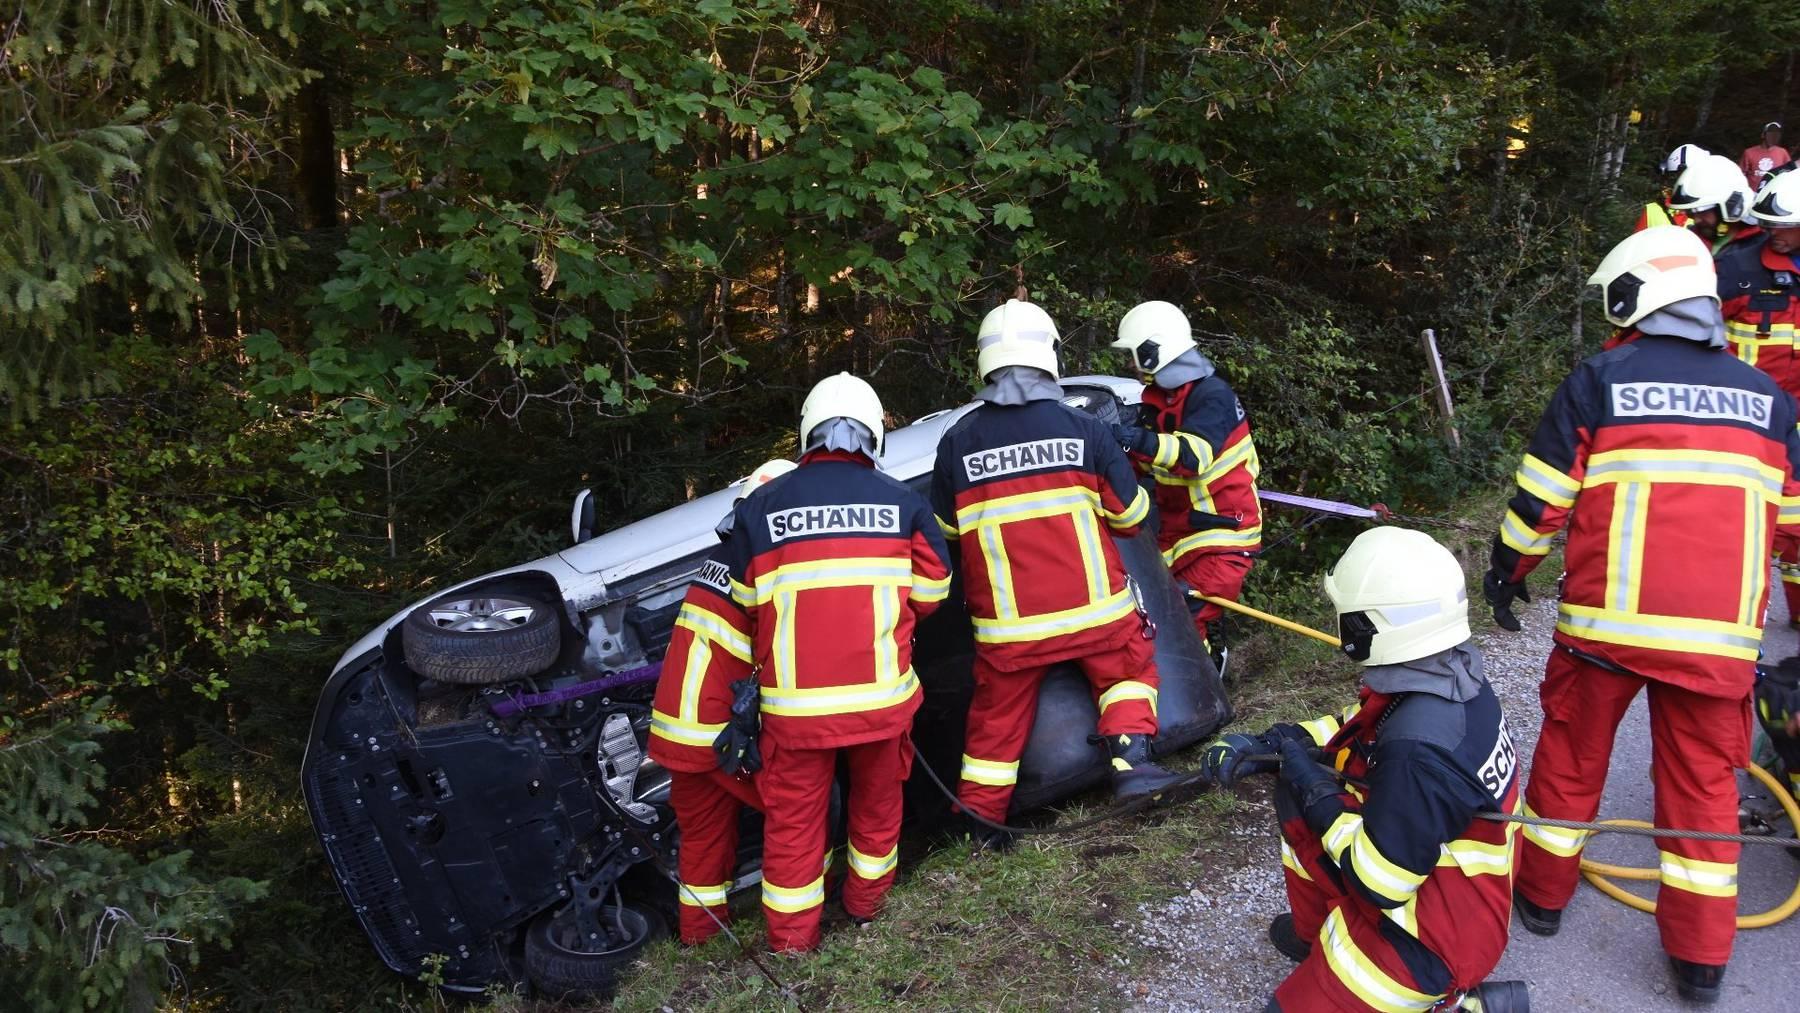 Rettungskräfte ziehen den Wagen zurück auf die Strasse.